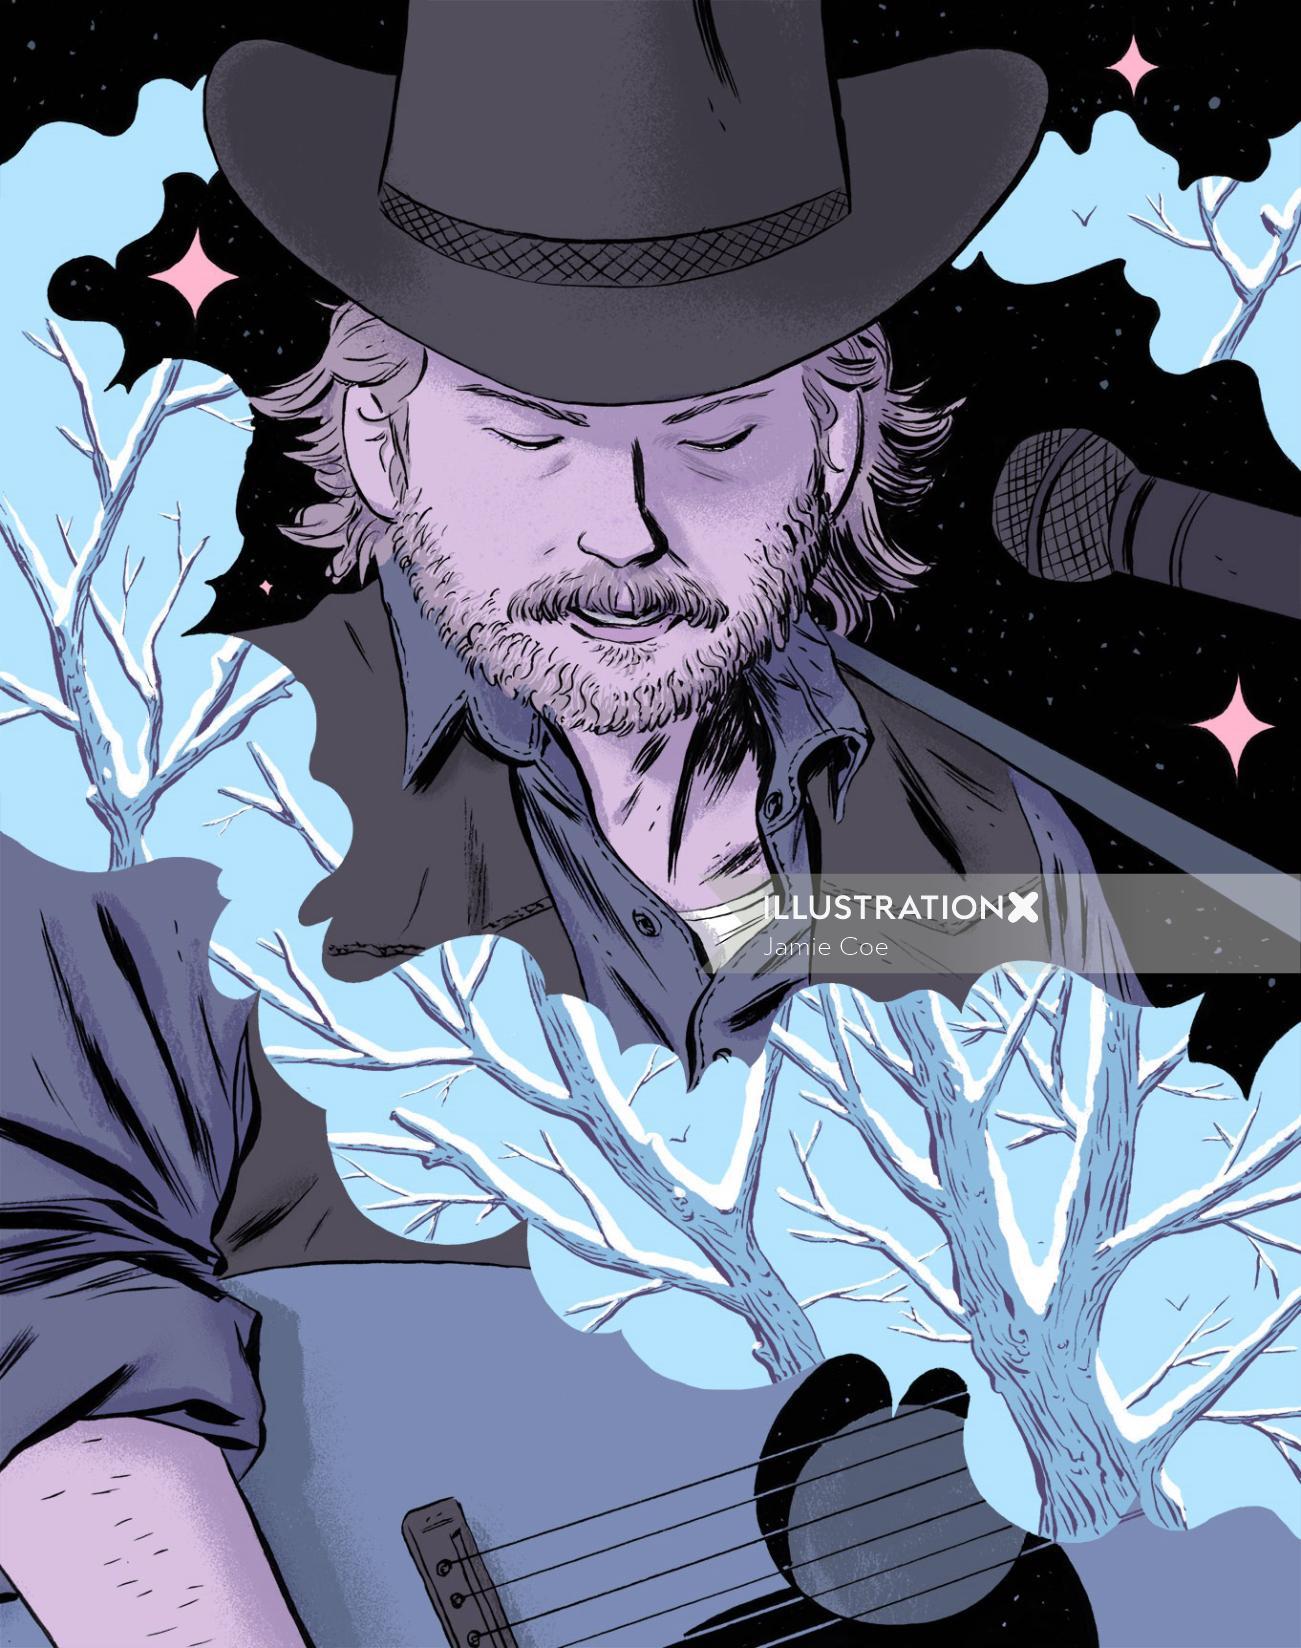 Male singer graphic portrait illustration